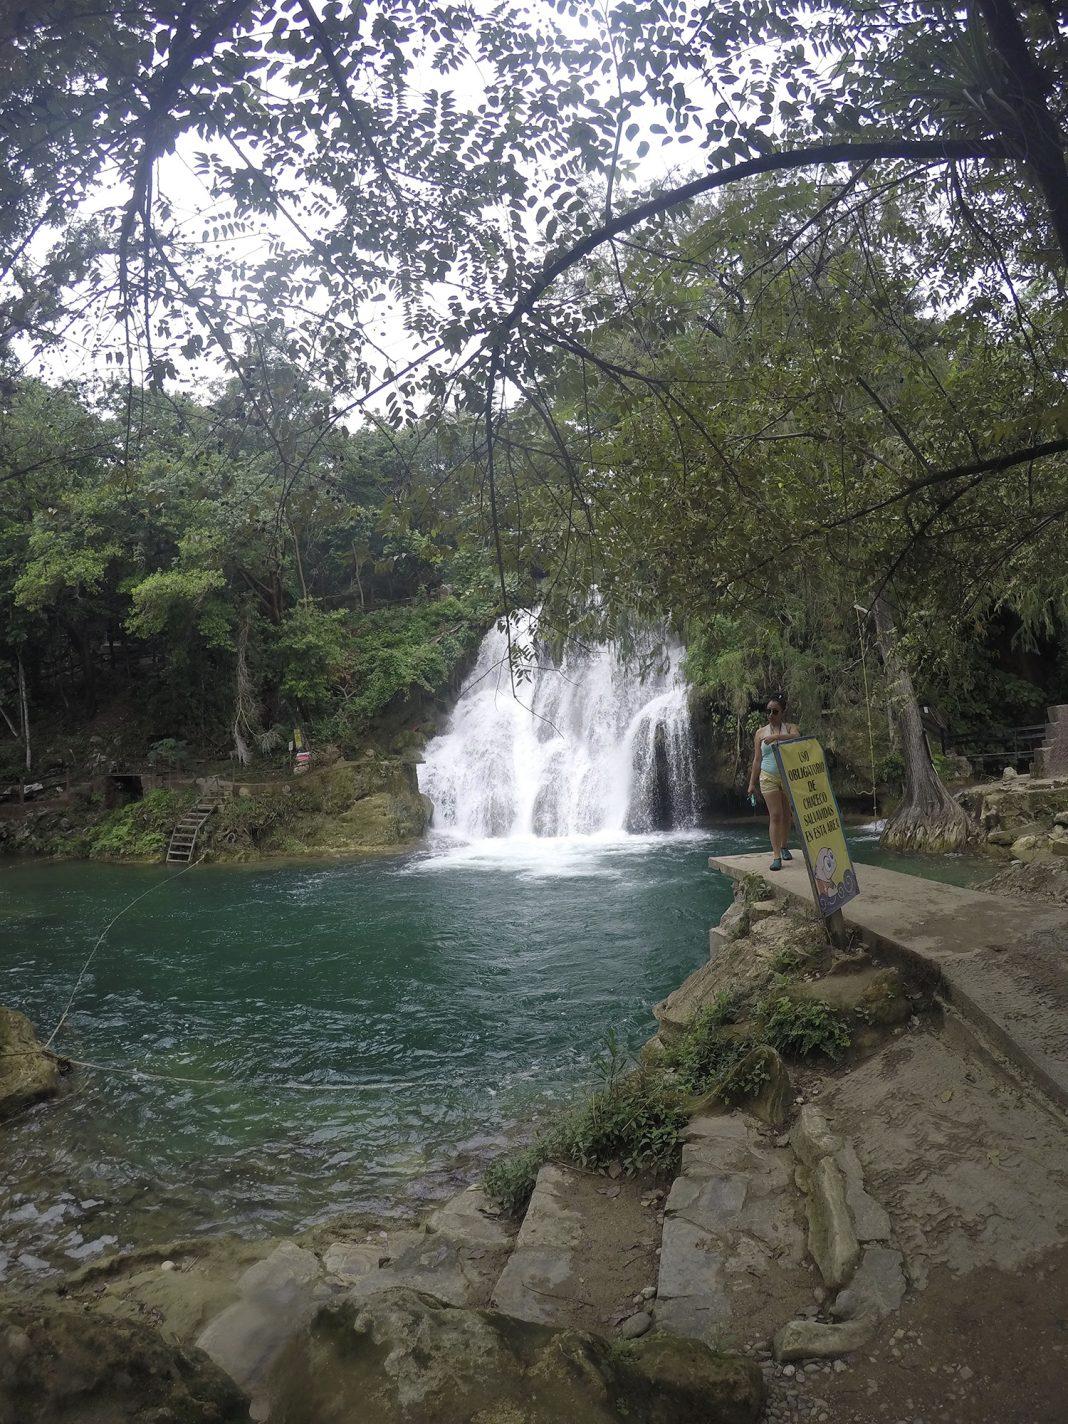 De Tamasopo waterval - Huasteca Potosina